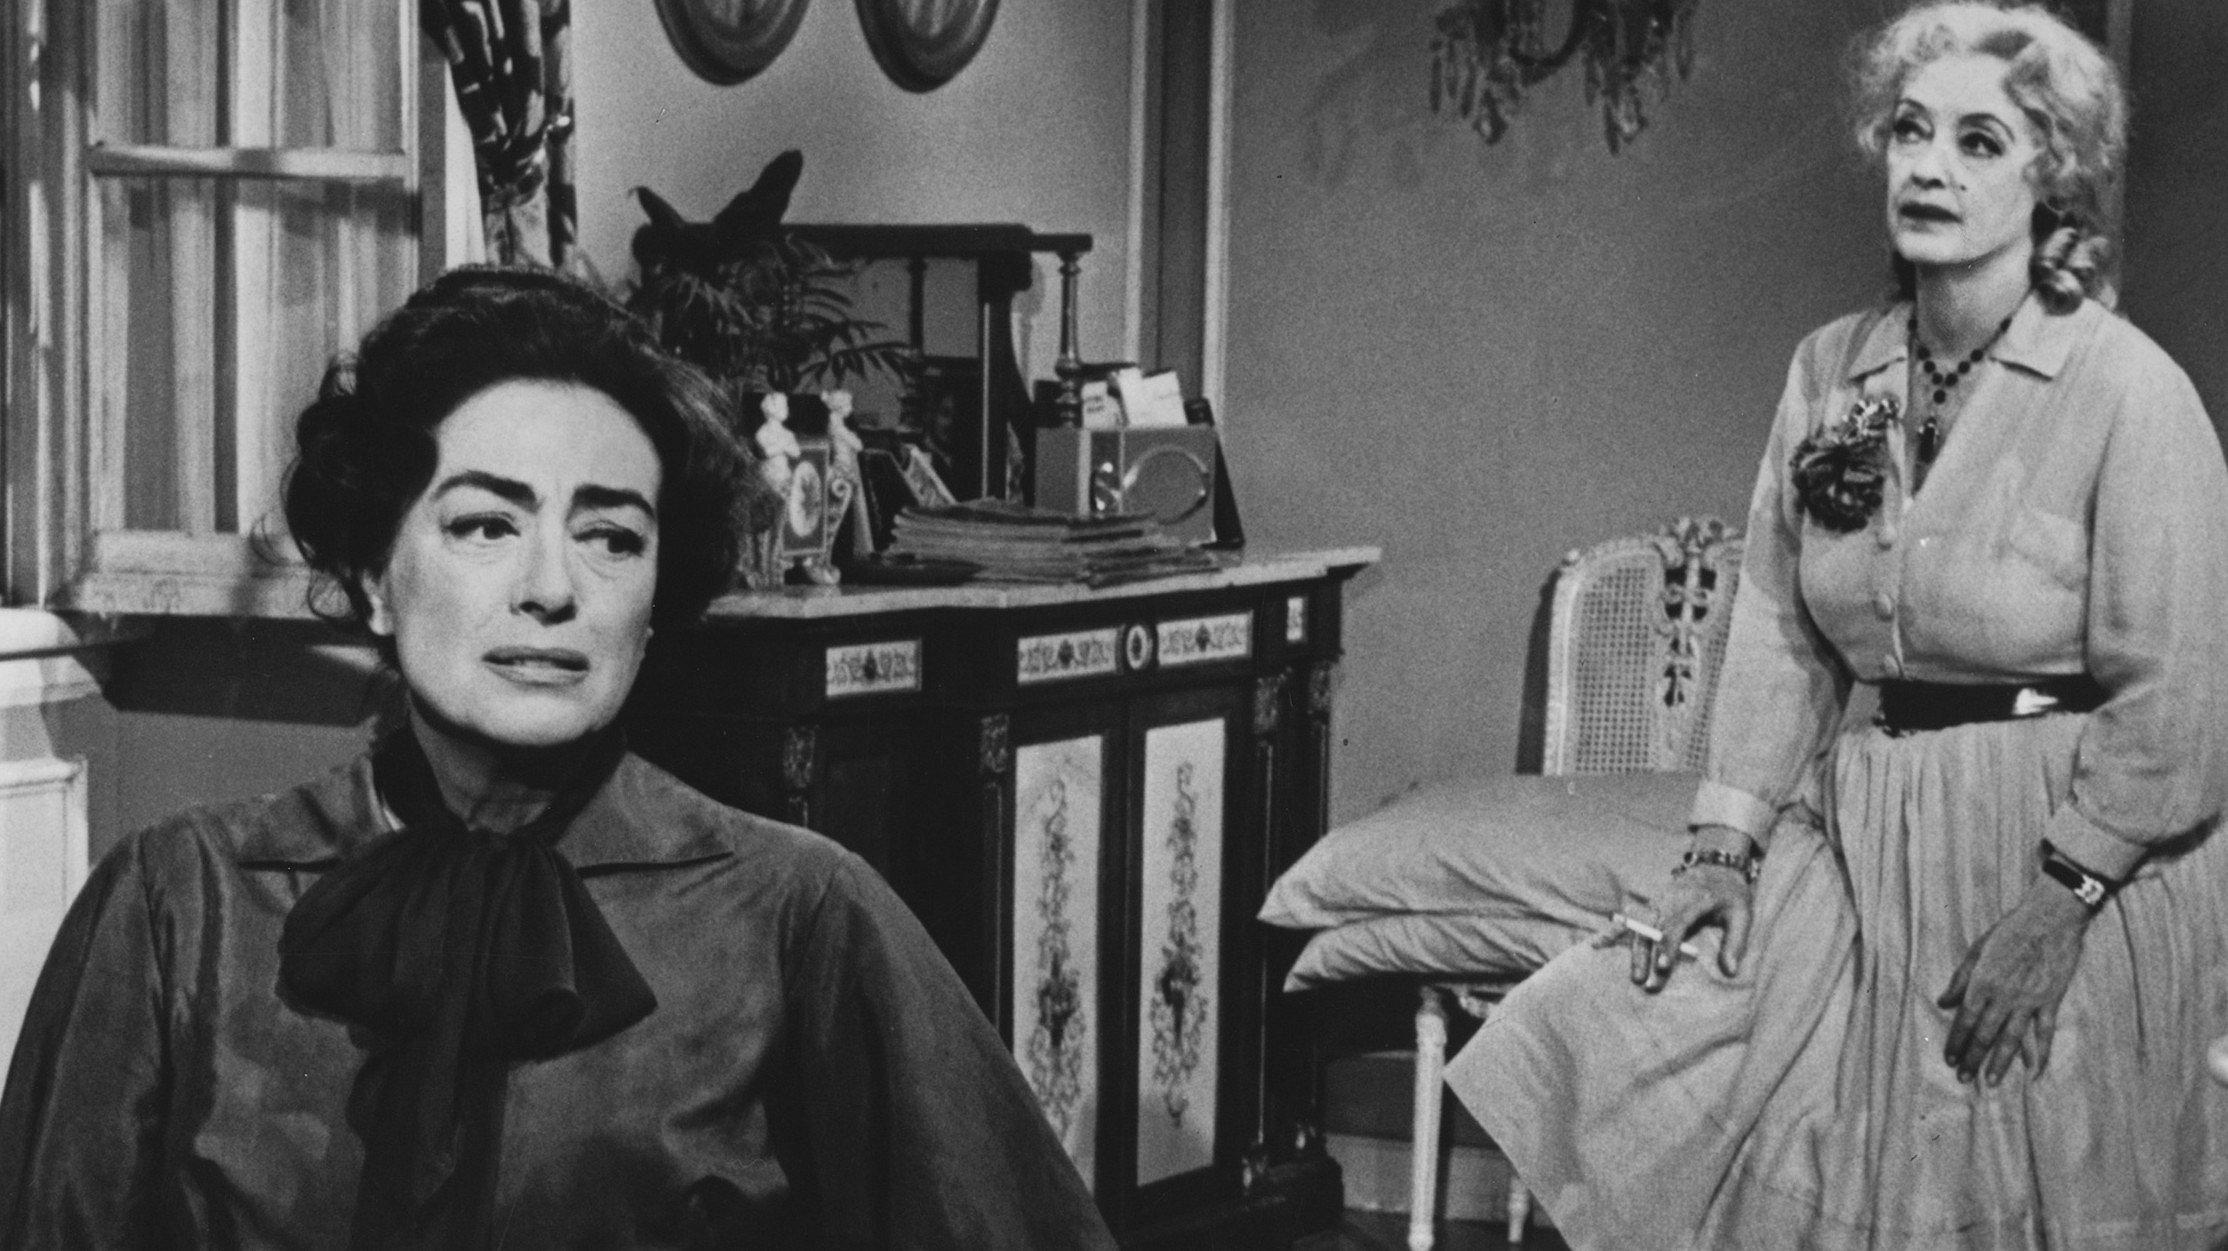 Nieuw: een tv-serie over de bitchfights van Joan Crawford en Bette Davis